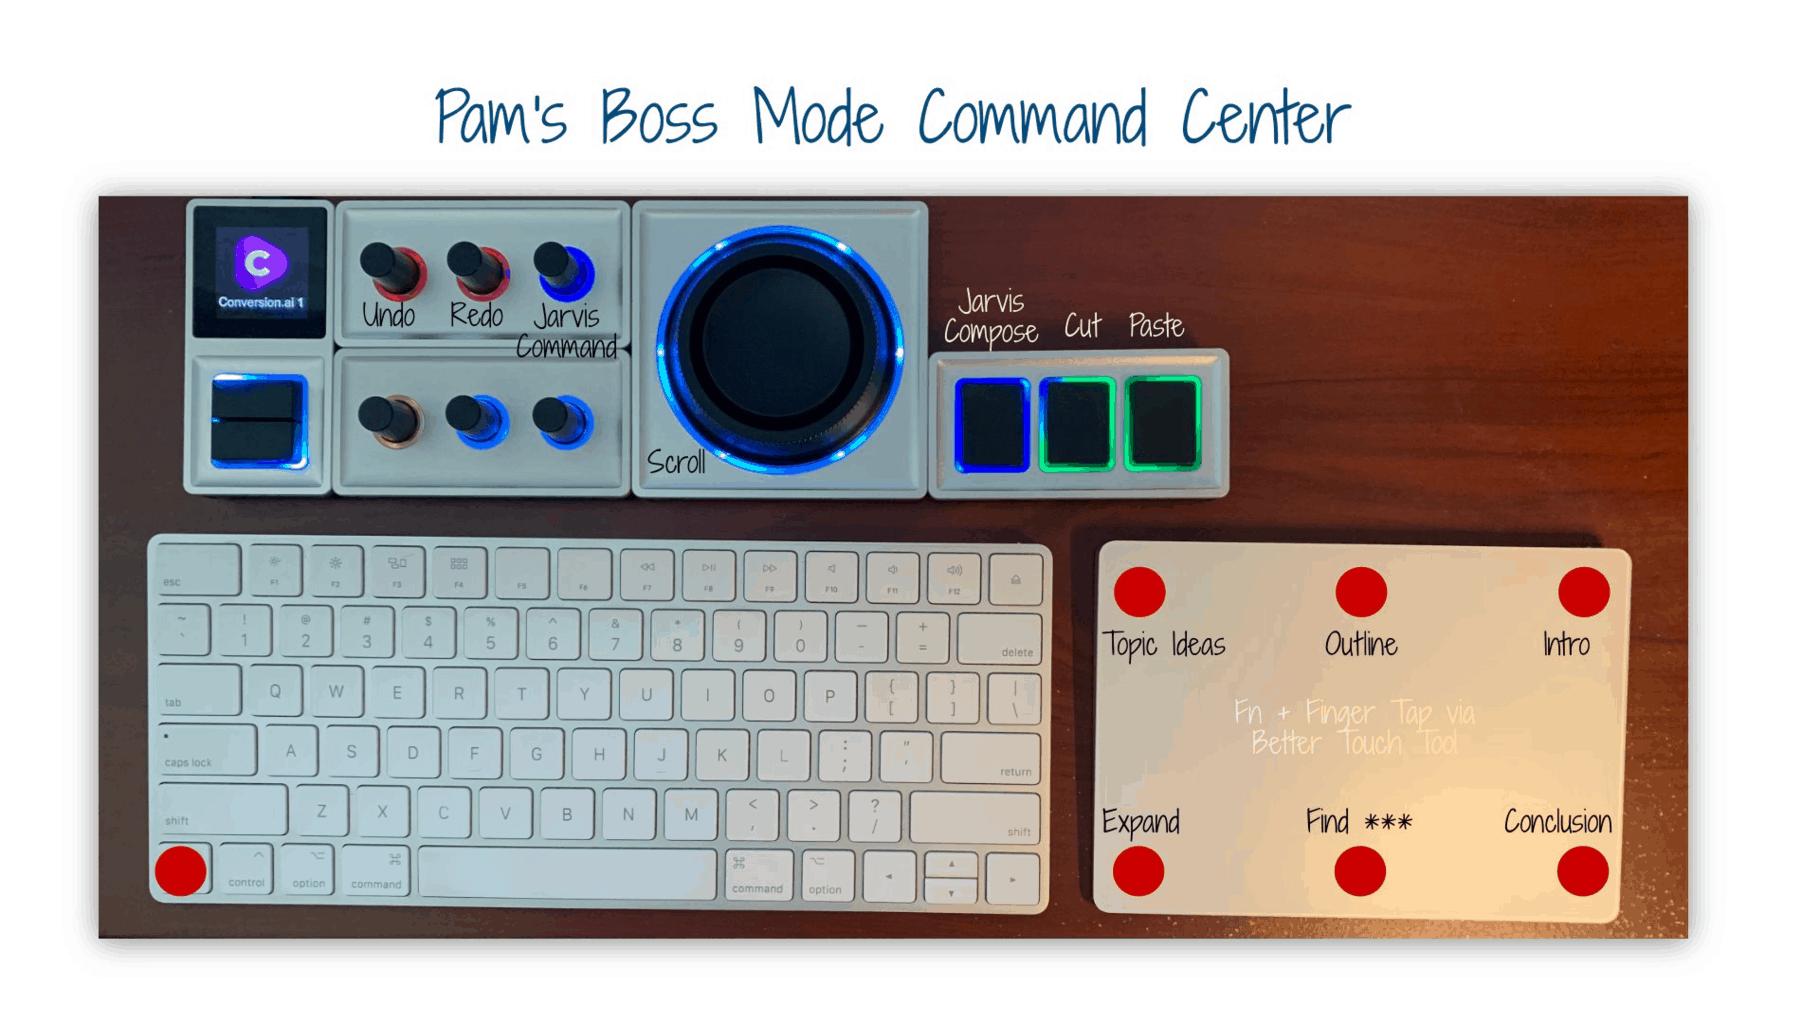 Pam's boss mode command center